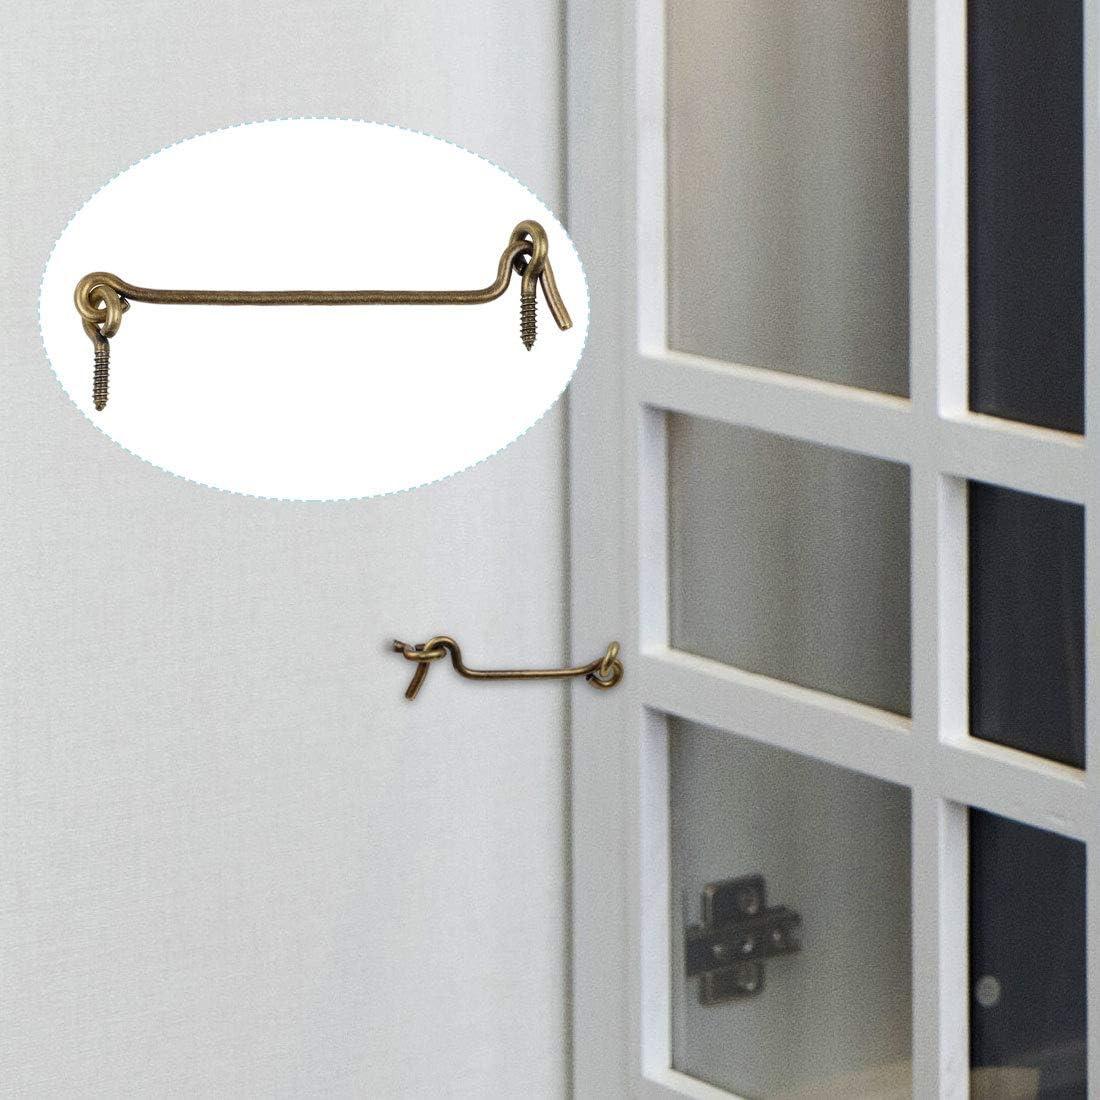 sourcing map Casa Giardino Gancio Cabina Privacy Attrezzo con Gancio Tono Bronzo Finestra Scorrevole Porta Granaio Capannone 20 cm 1pcs